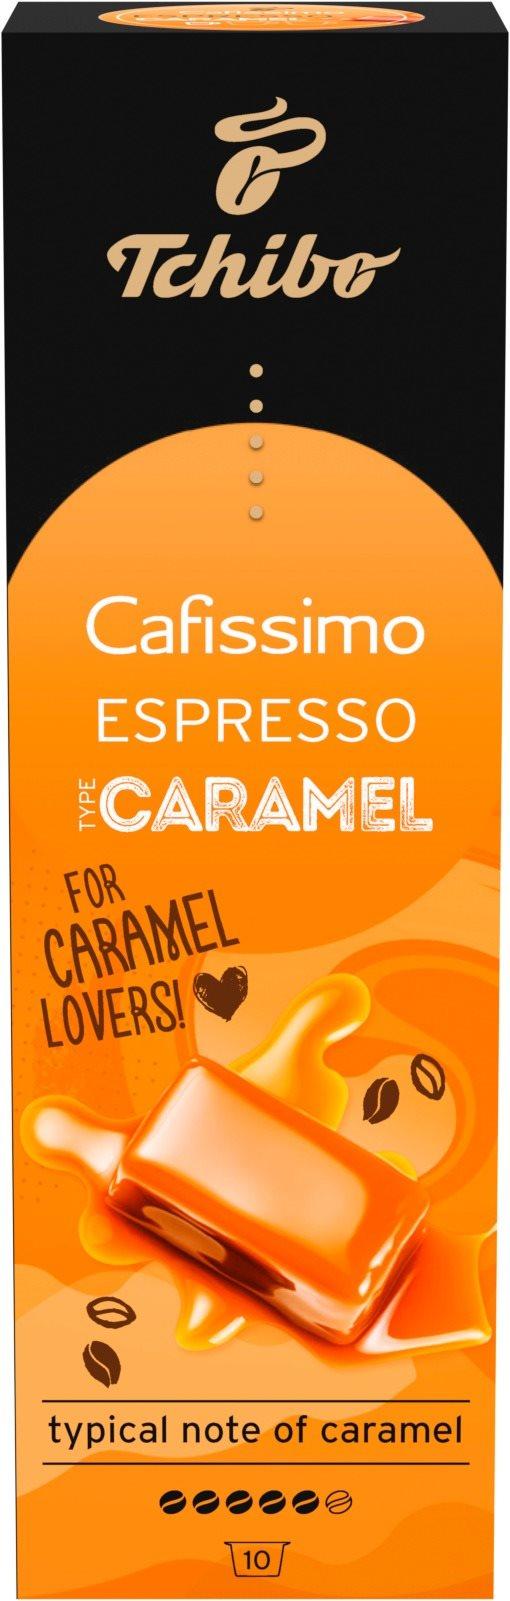 Tchibo Cafissimo Espresso Caramel 75g